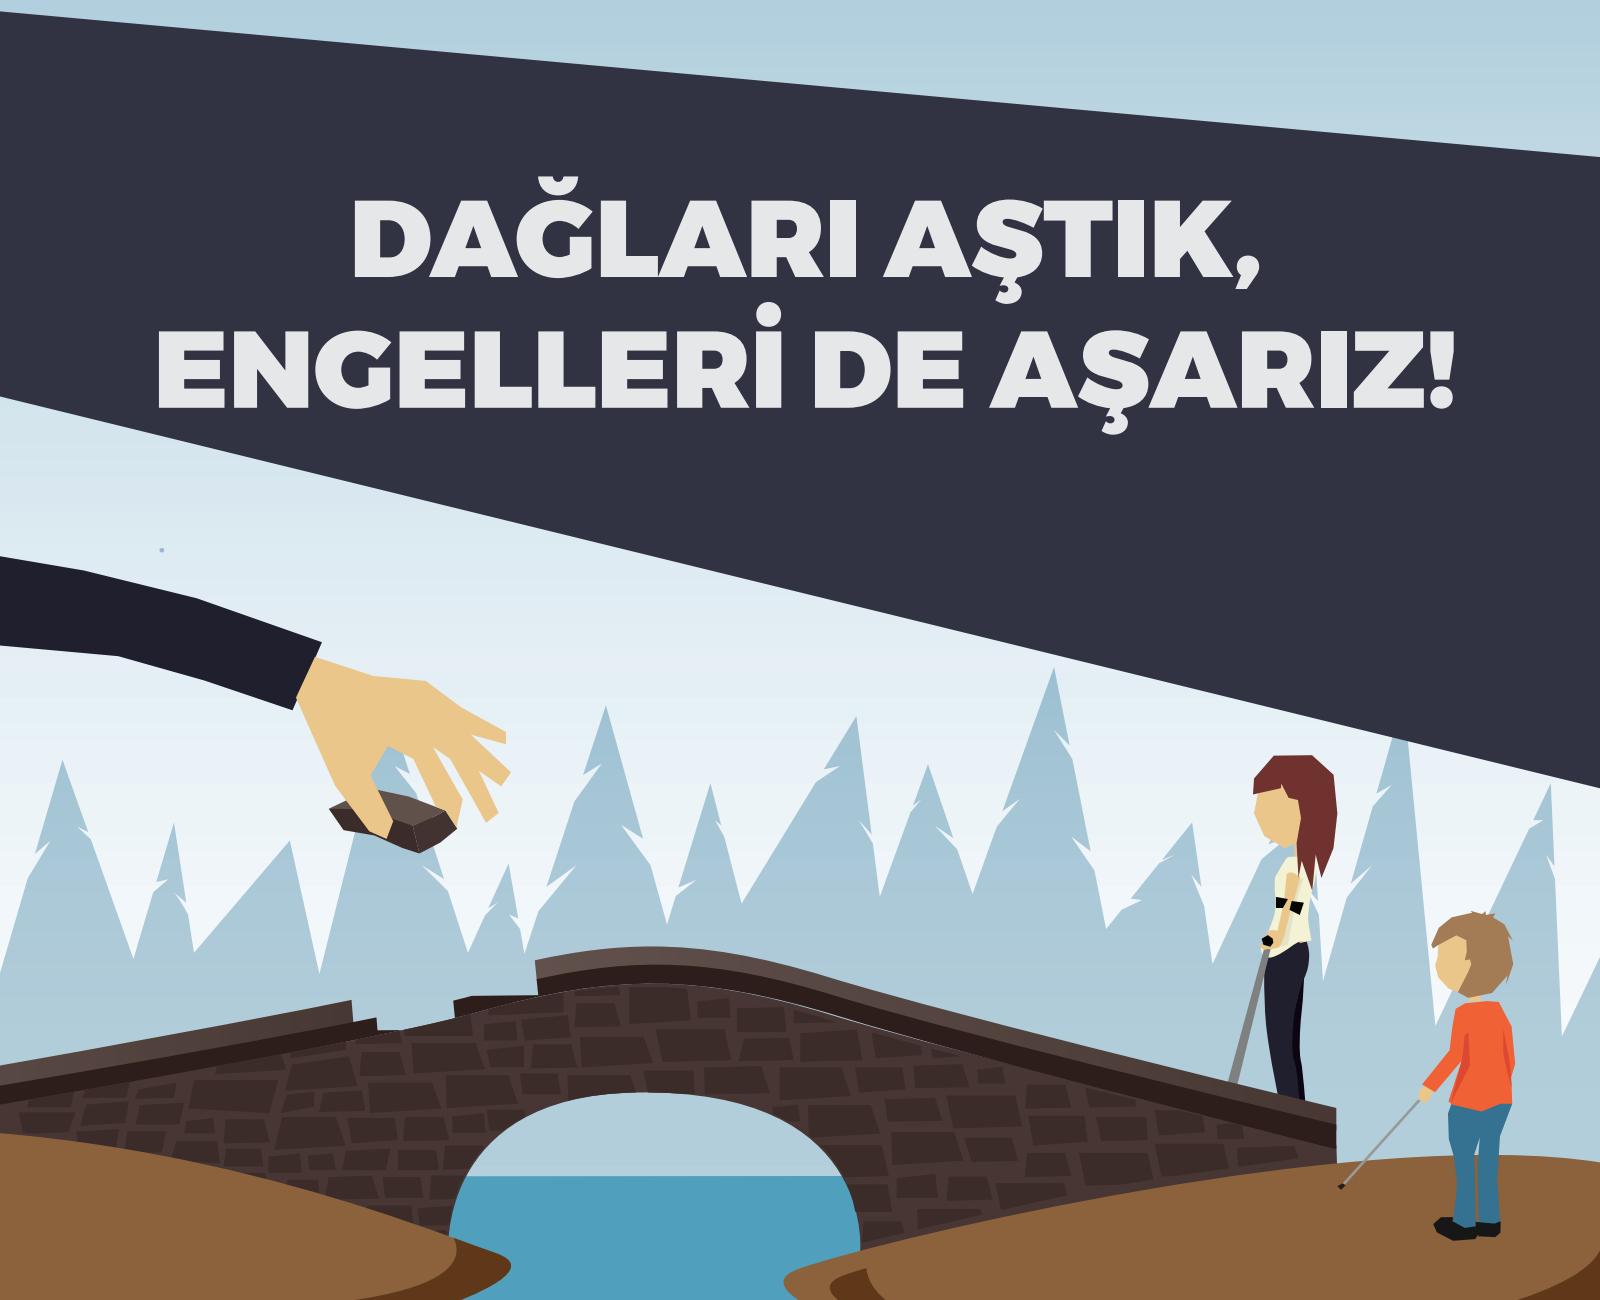 """KARADENİZ BÖLGESİ BİLGİ NOTU ÇIKTI! """"DAĞLARI AŞTIK, ENGELLERİ DE AŞARIZ!"""